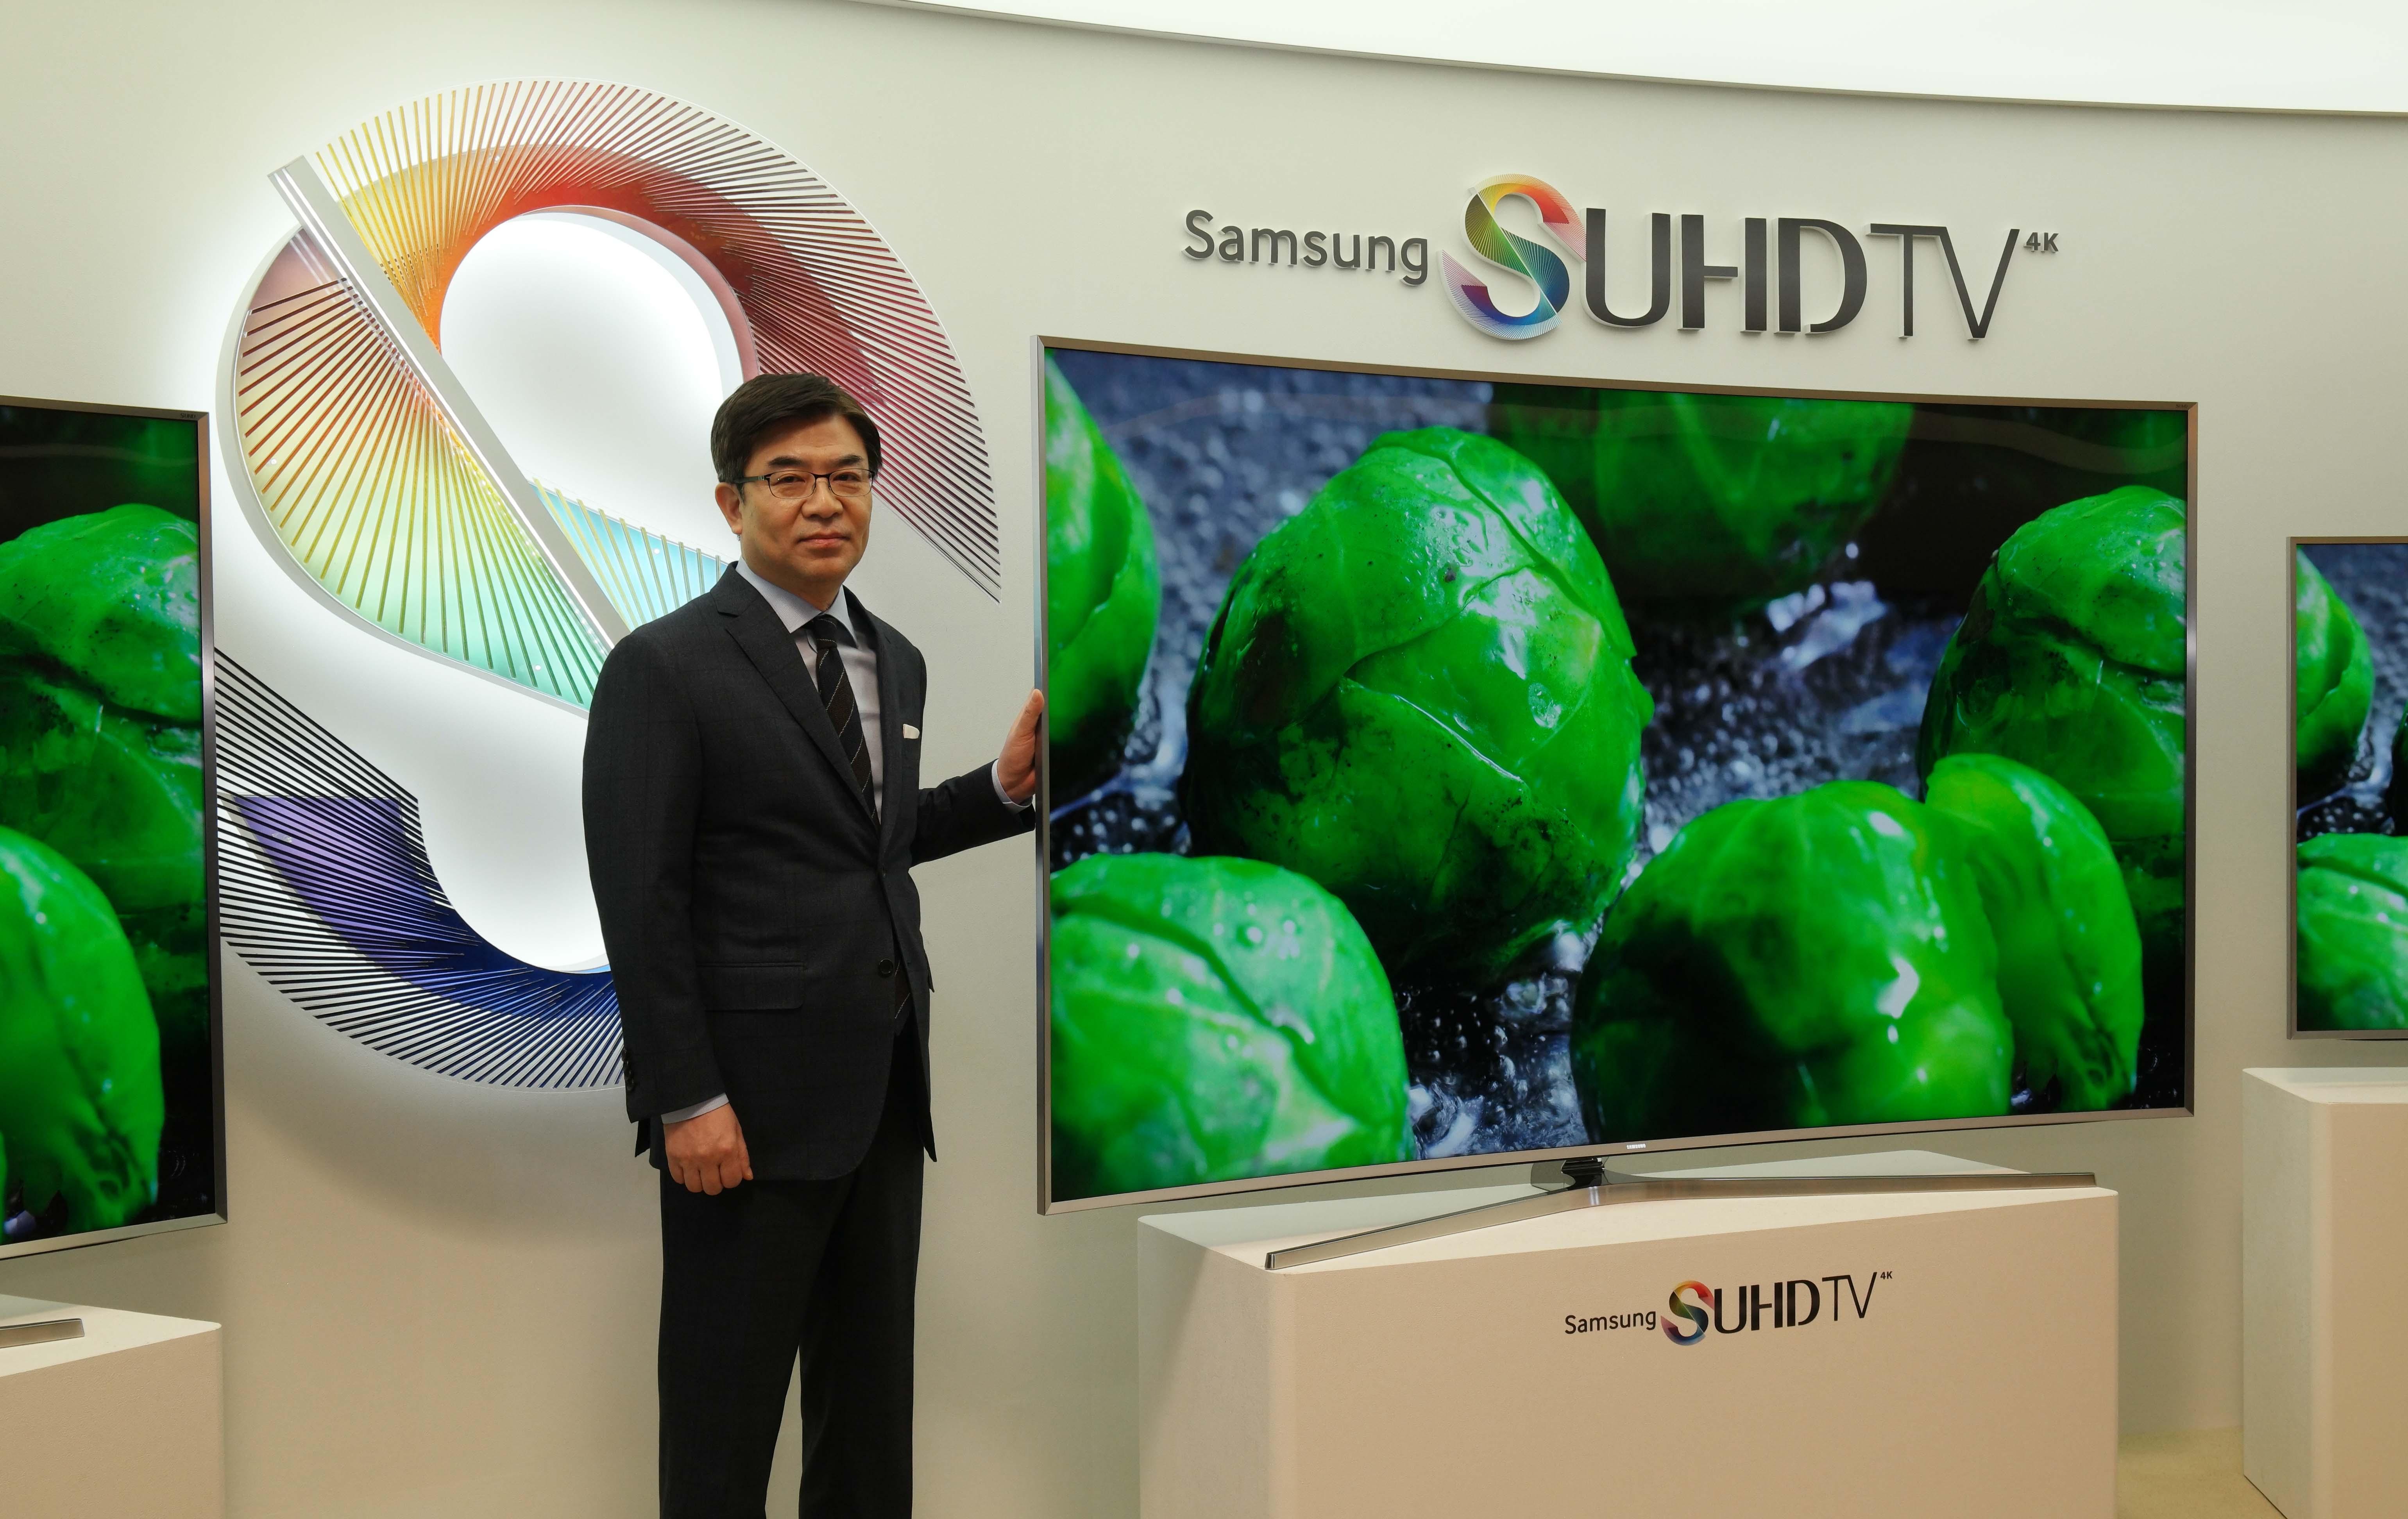 삼성전자 영상디스플레이사업부장 김현석 사장이 삼성 SUHD TV를 선보이는 모습.